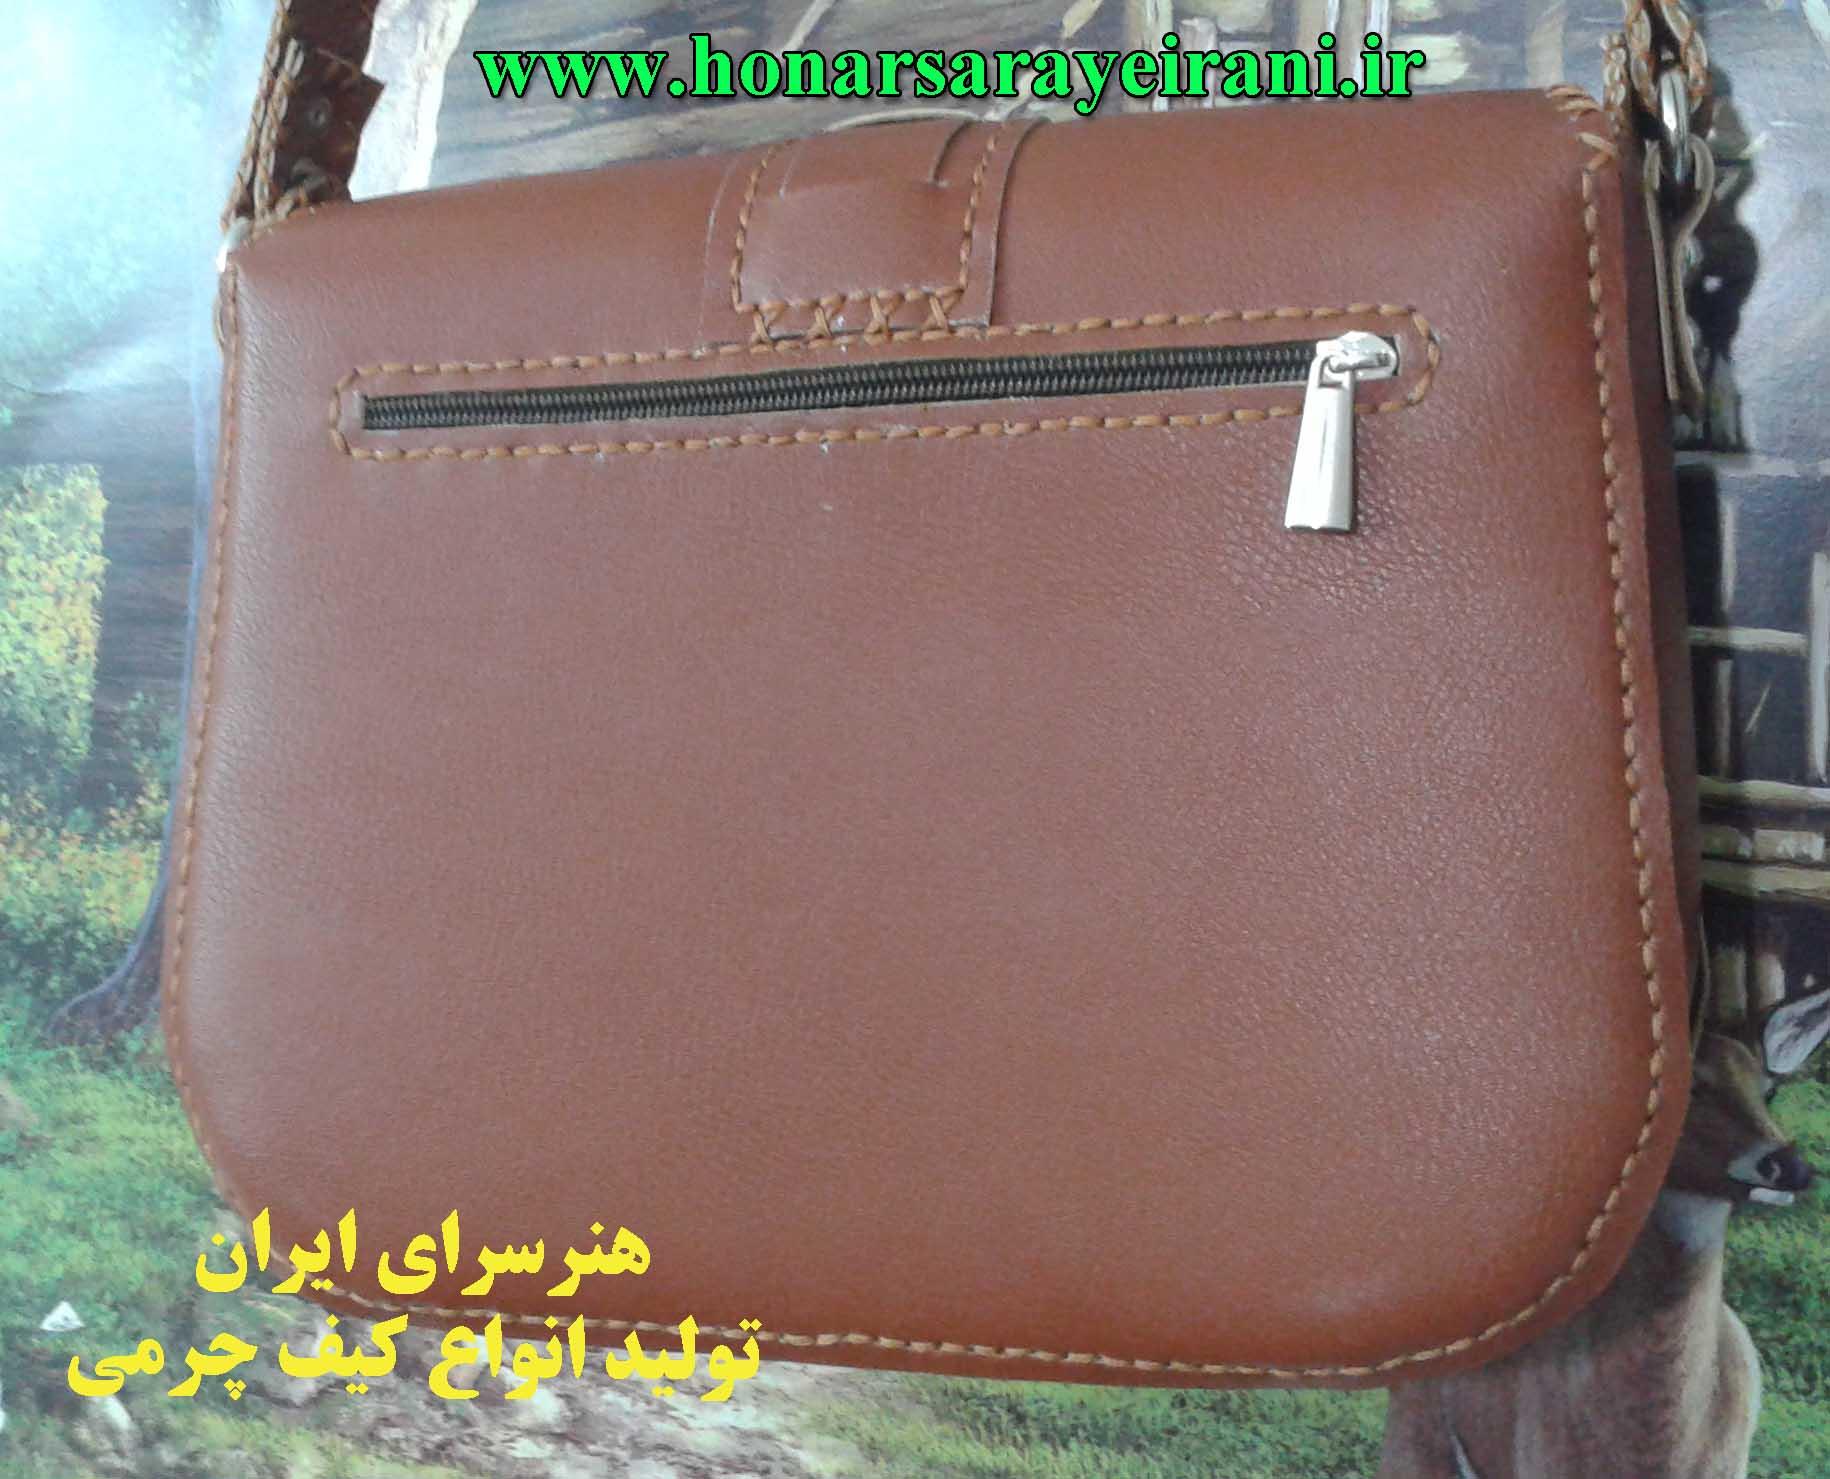 کیف چرمی دخترانه پستی چی